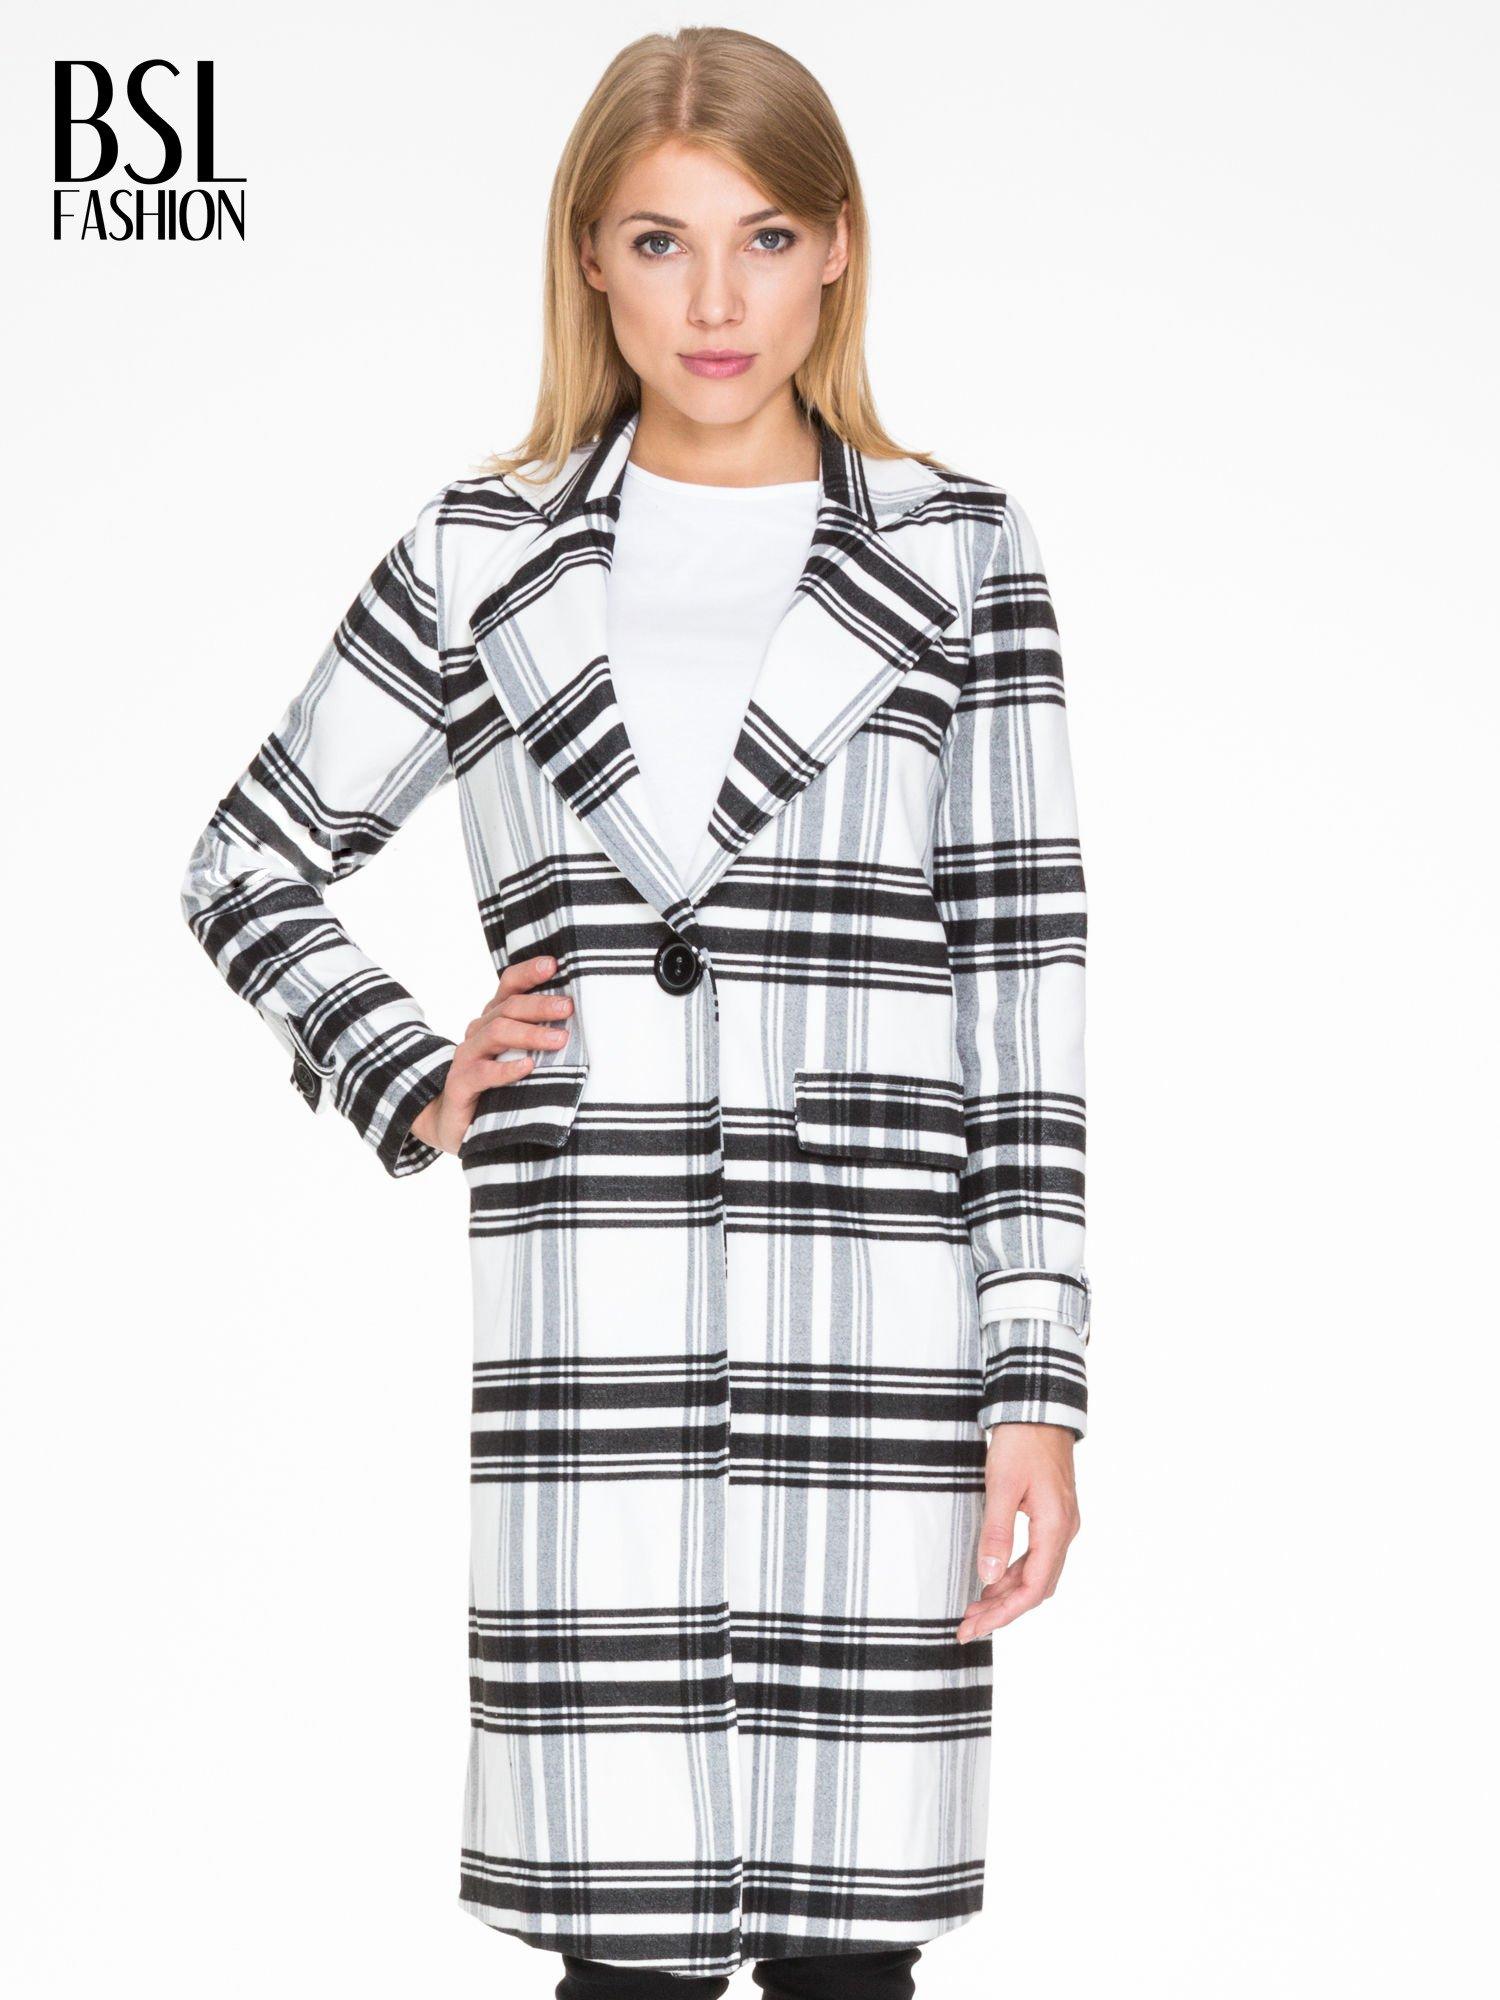 Biało-czarny wełniany płaszcz w kratę zapinany na jeden guzik                                  zdj.                                  1